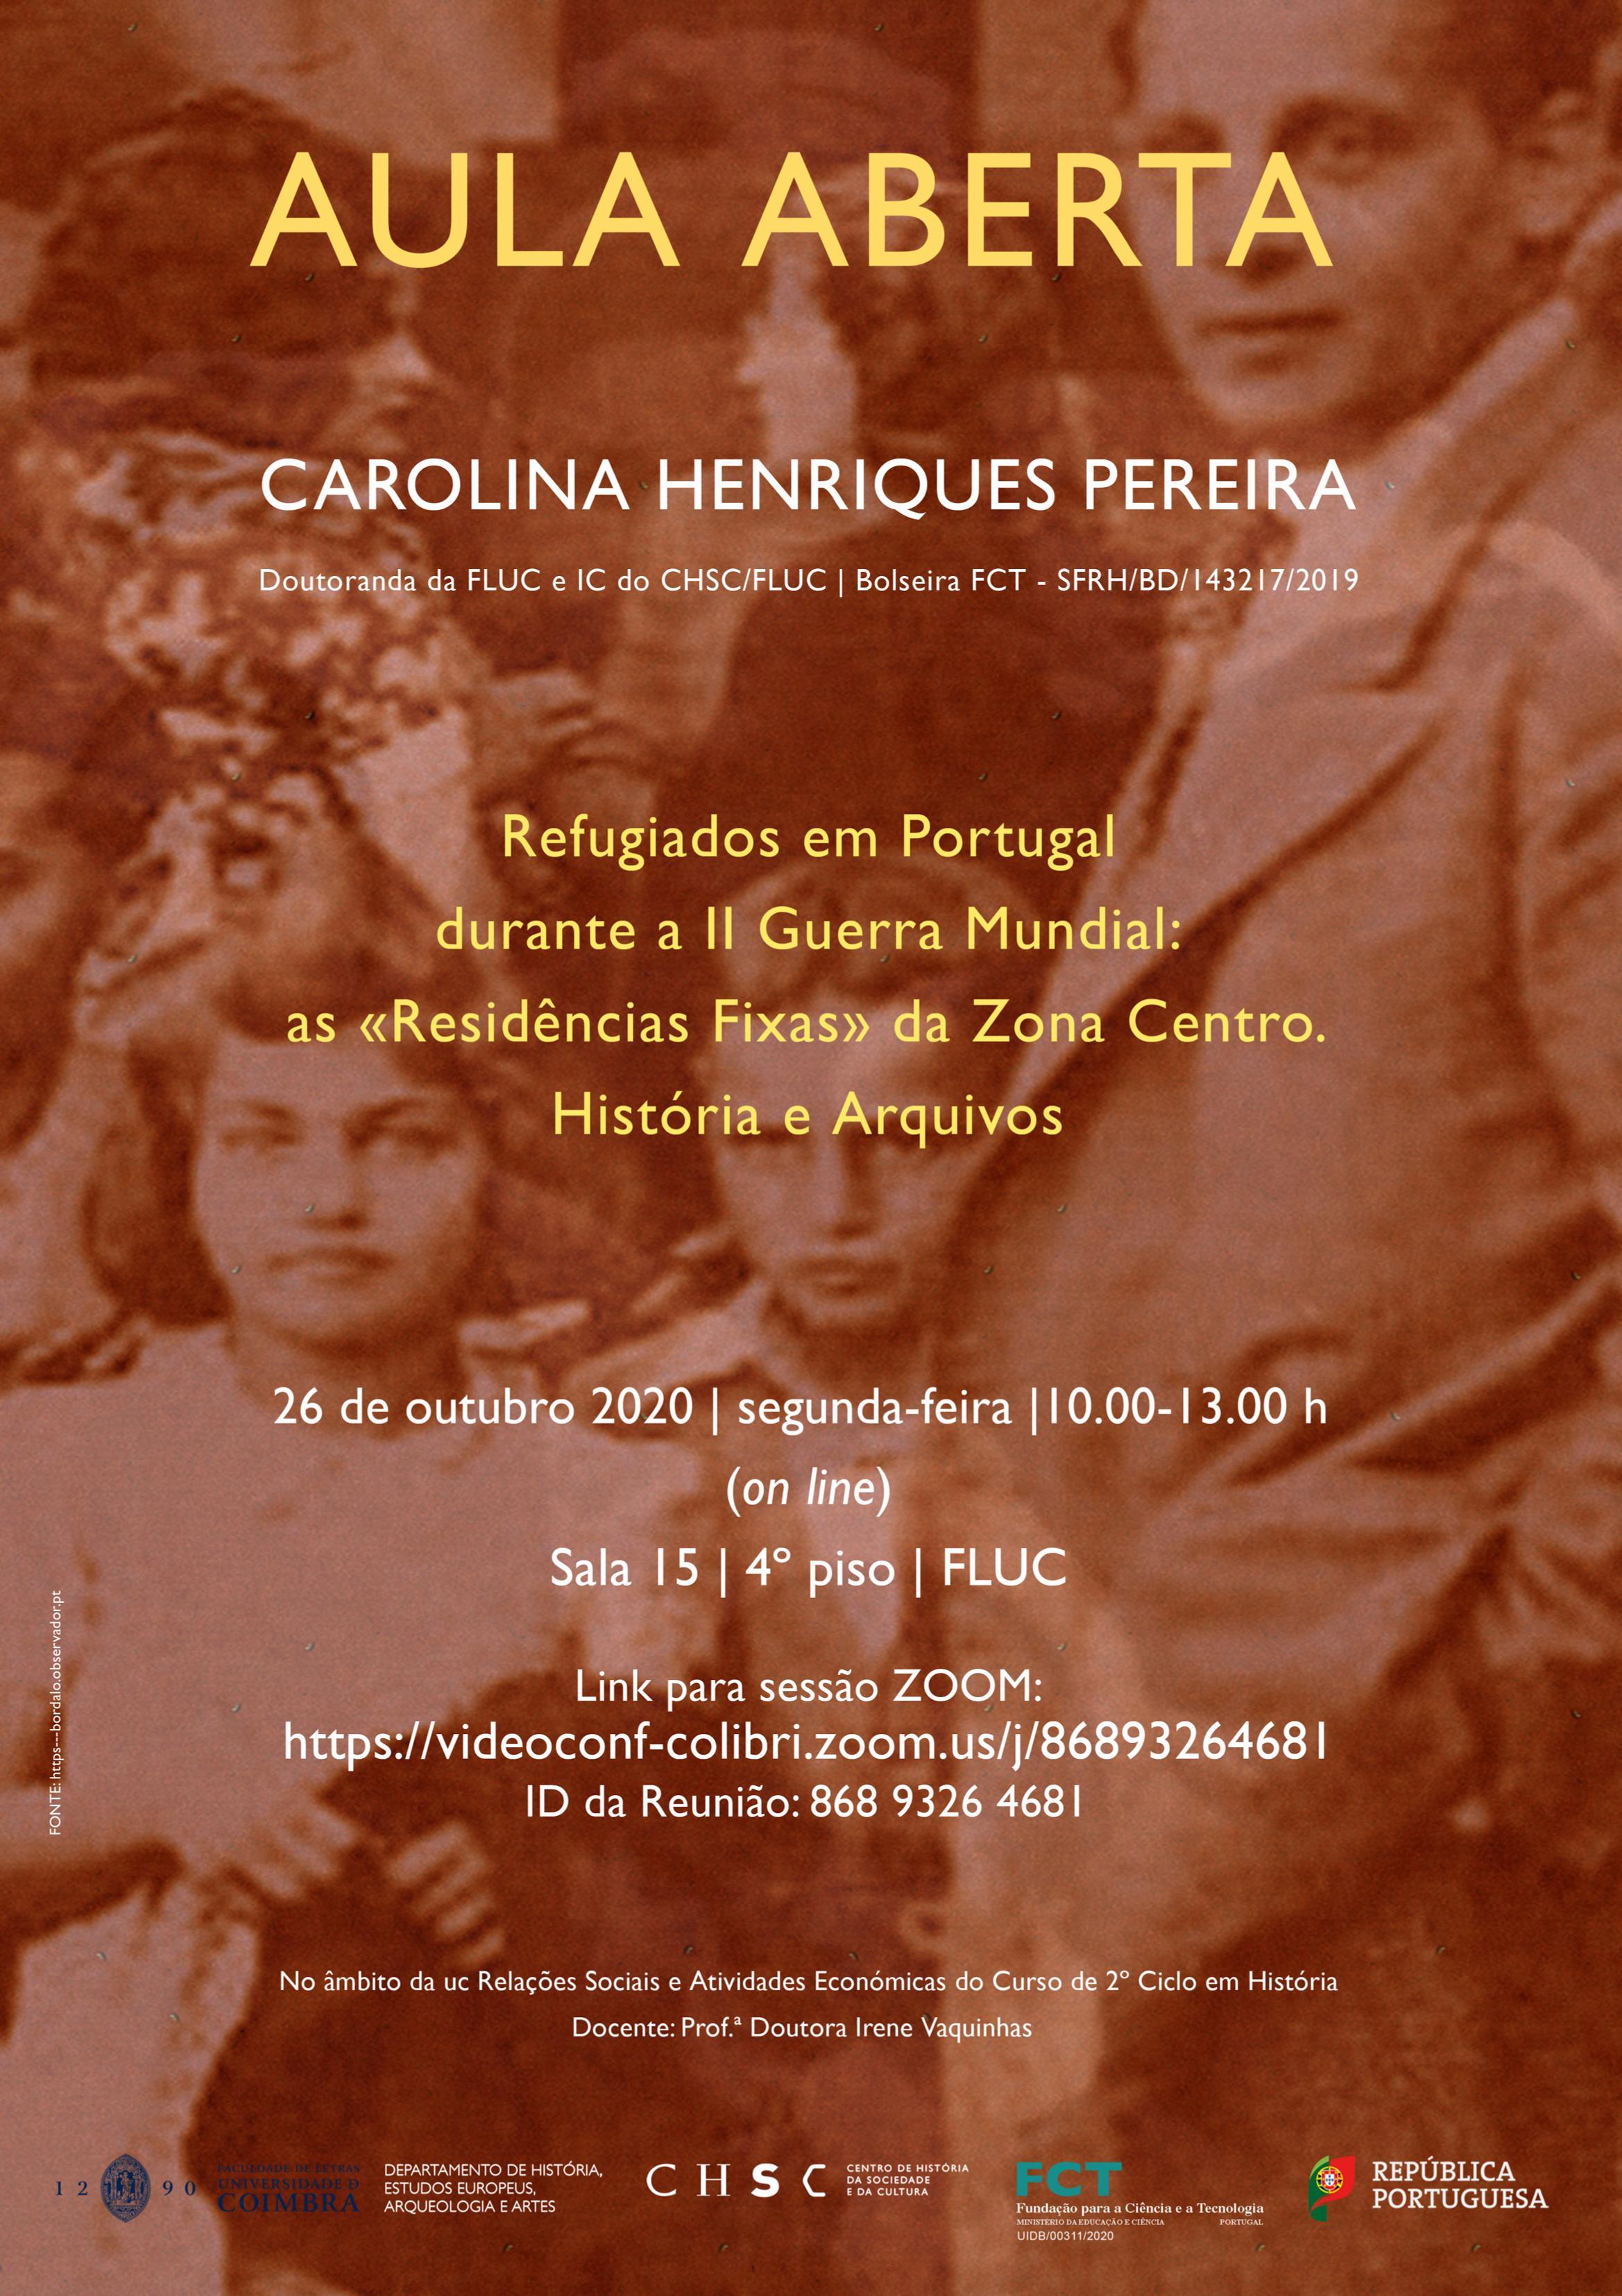 """AULA ABERTA – REFUGIADOS EM PORTUGAL DURANTE A II GUERRA MUNDIAL: AS """"RESIDÊNCIAS FIXAS"""" DA ZONA CENTRO. HISTÓRIA E ARQUIVOS"""